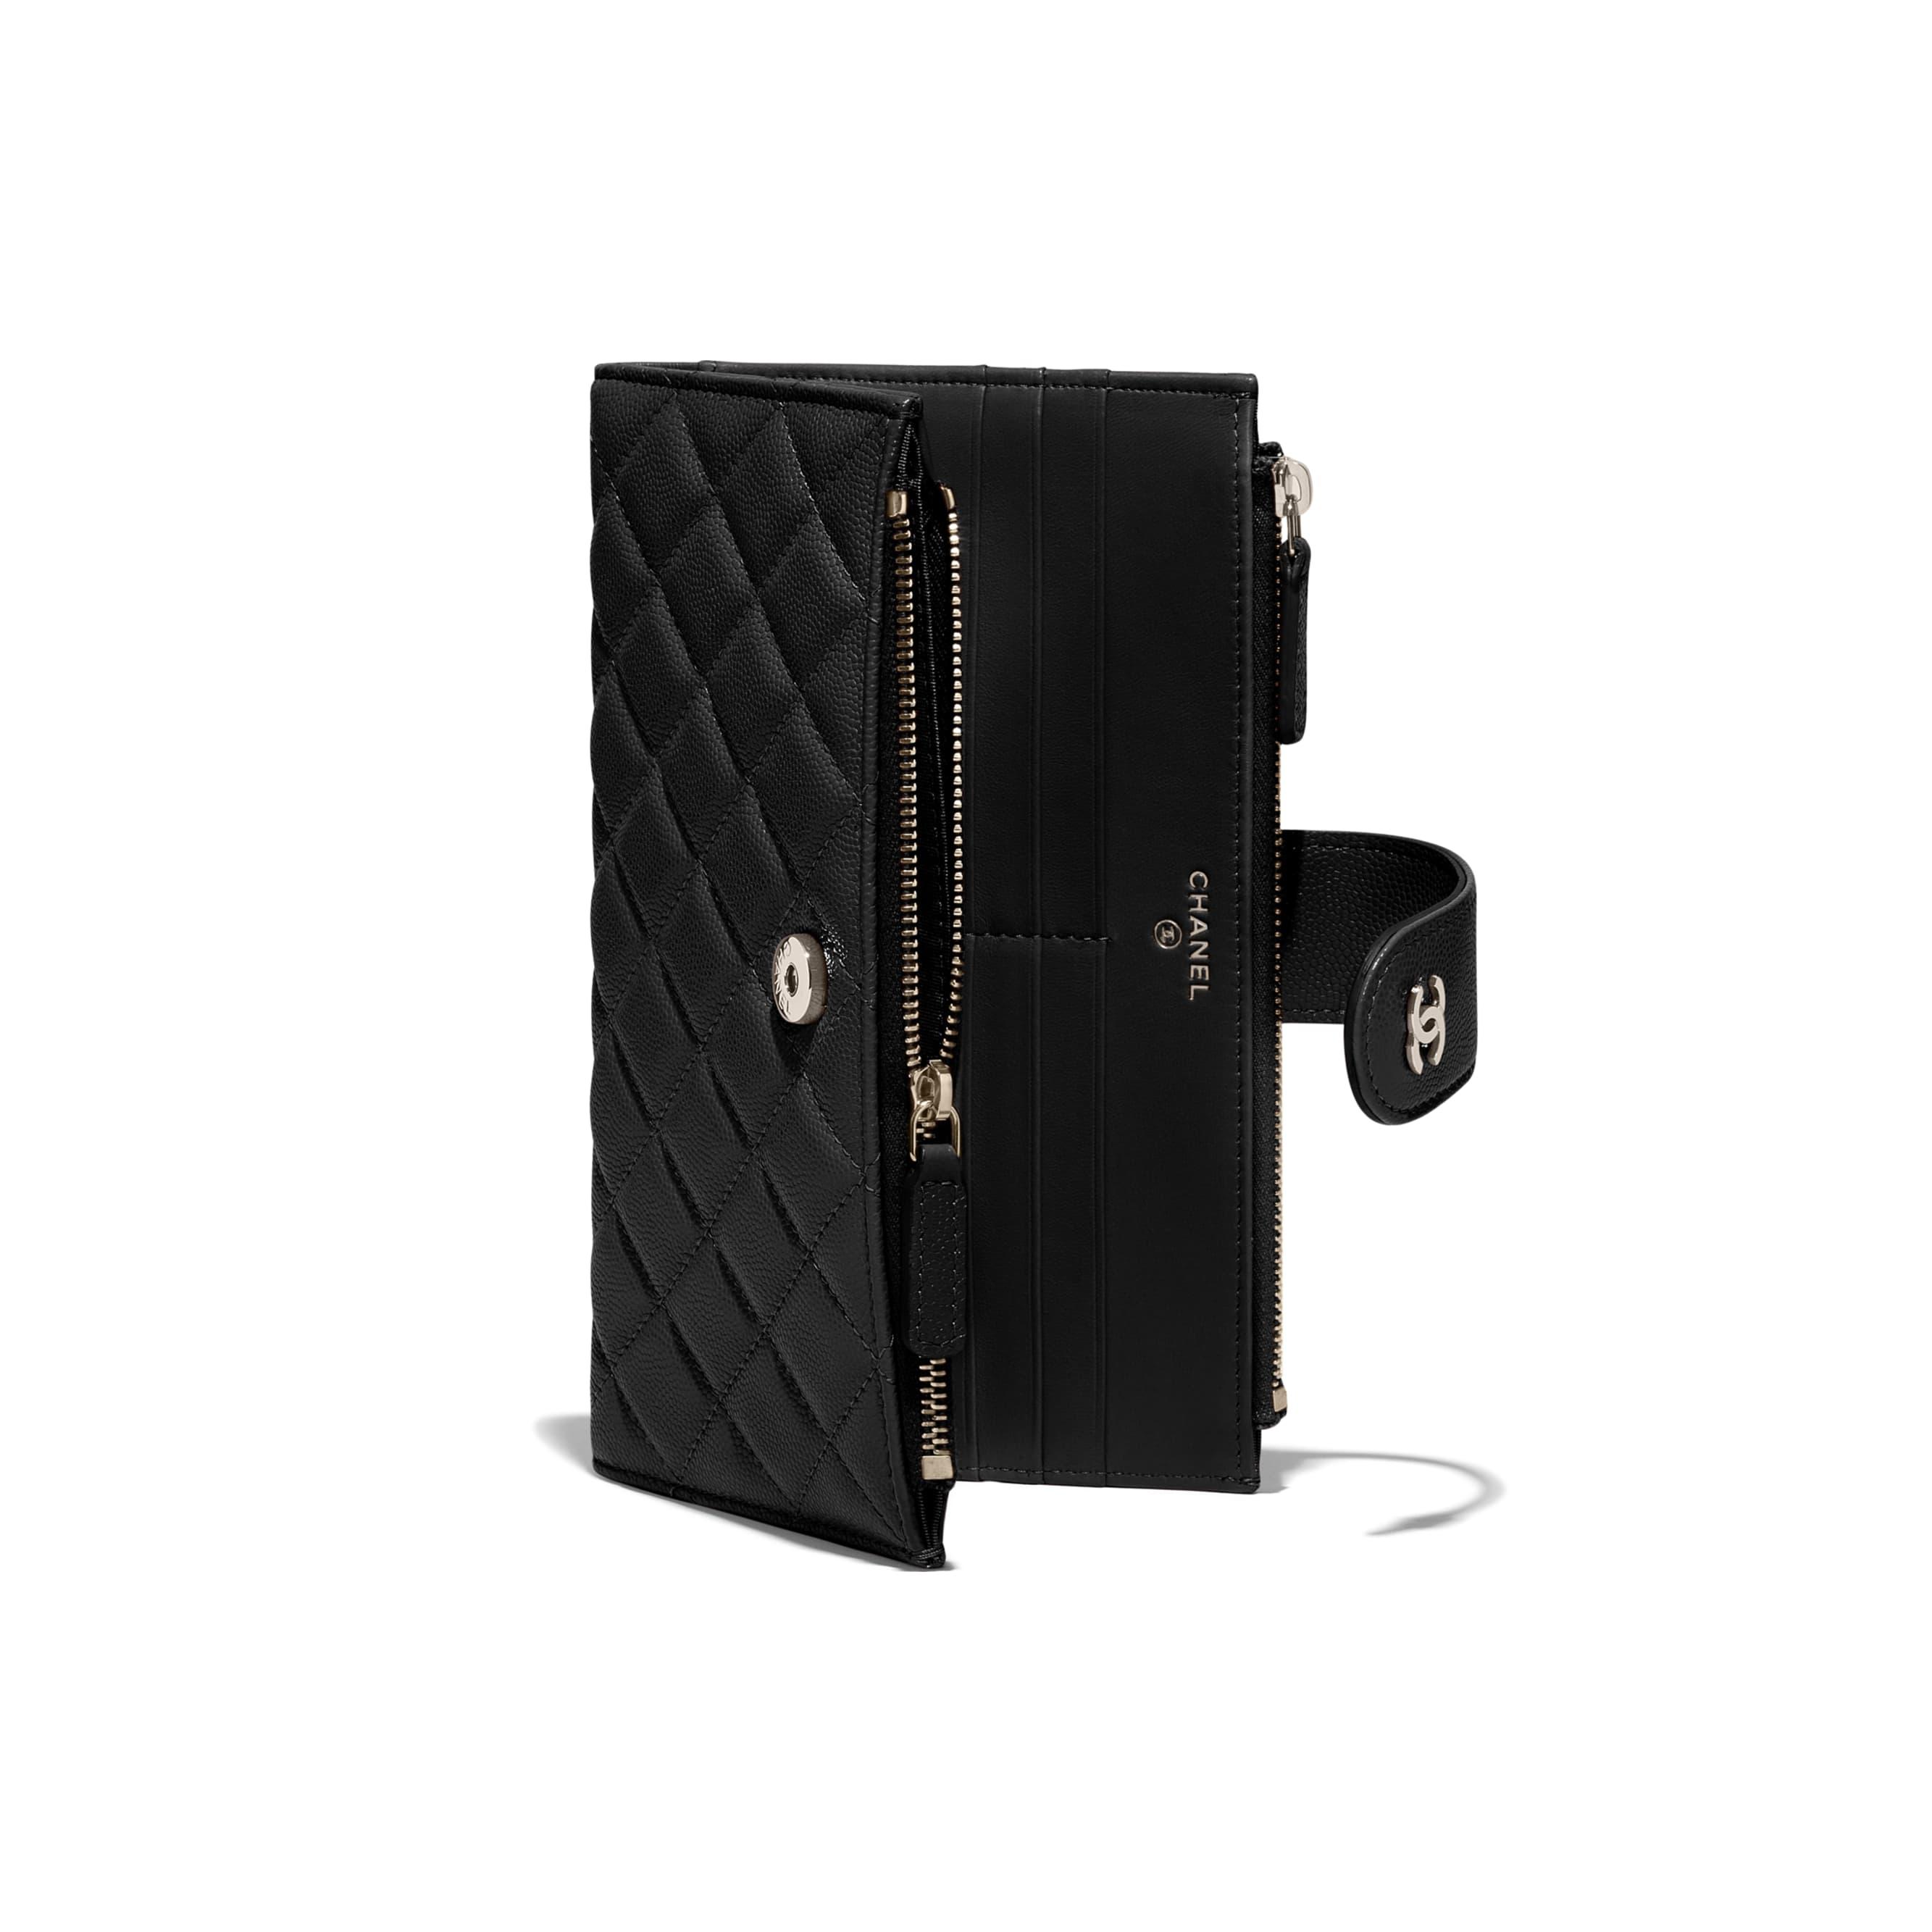 Klassieke lange portefeuille met rits - Zwart - Kaviaar kalfsleer & goudkleurig metaal - CHANEL - Extra weergave - zie versie op standaardgrootte